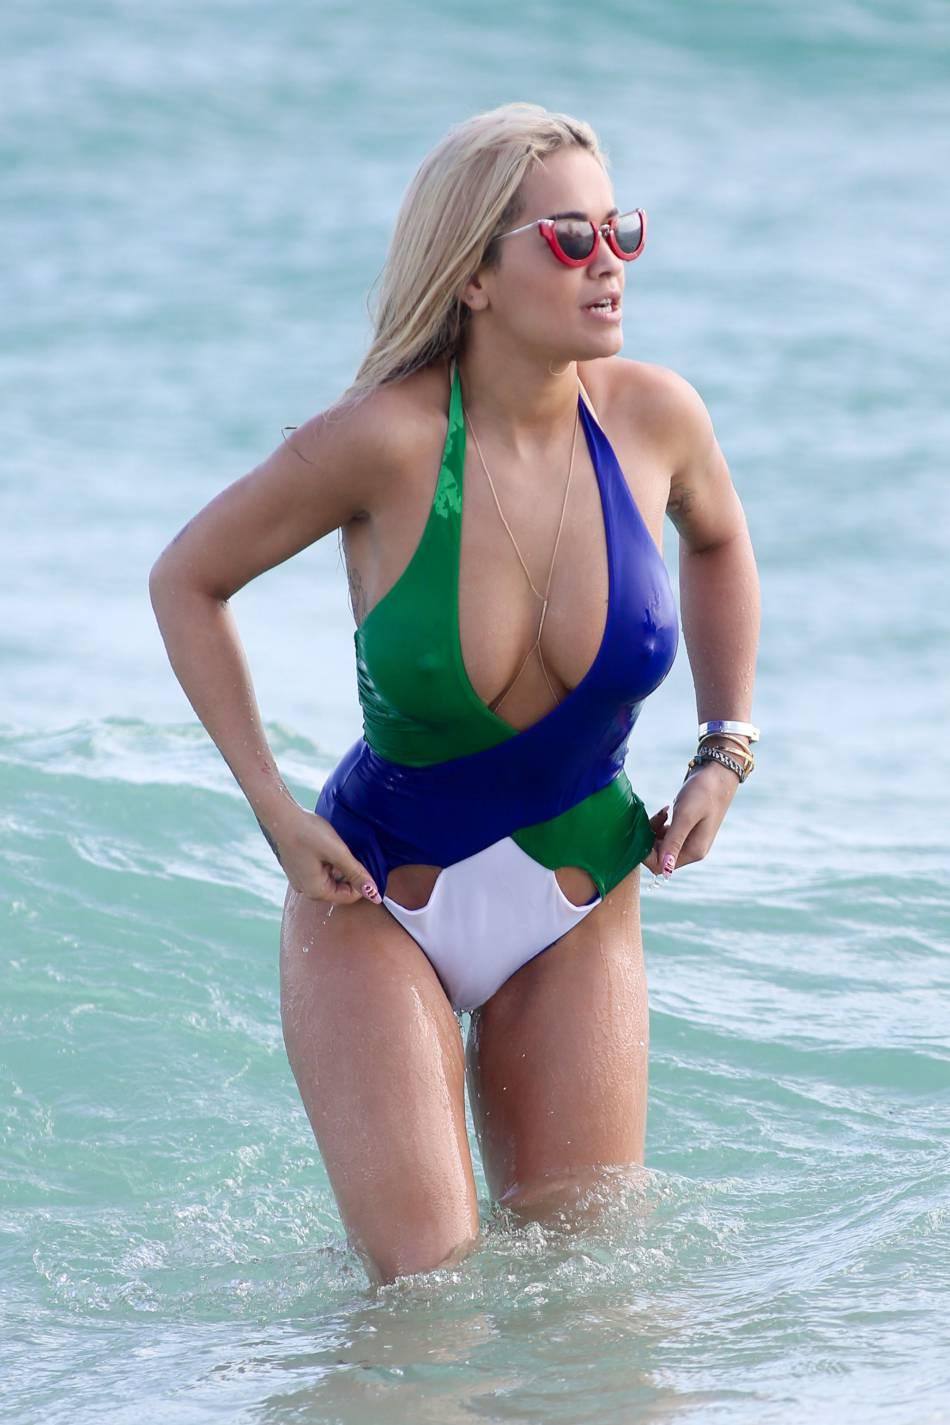 La chanteuse anglaise mise sur un maillot de bain laissant très peu de place à l'imagination...